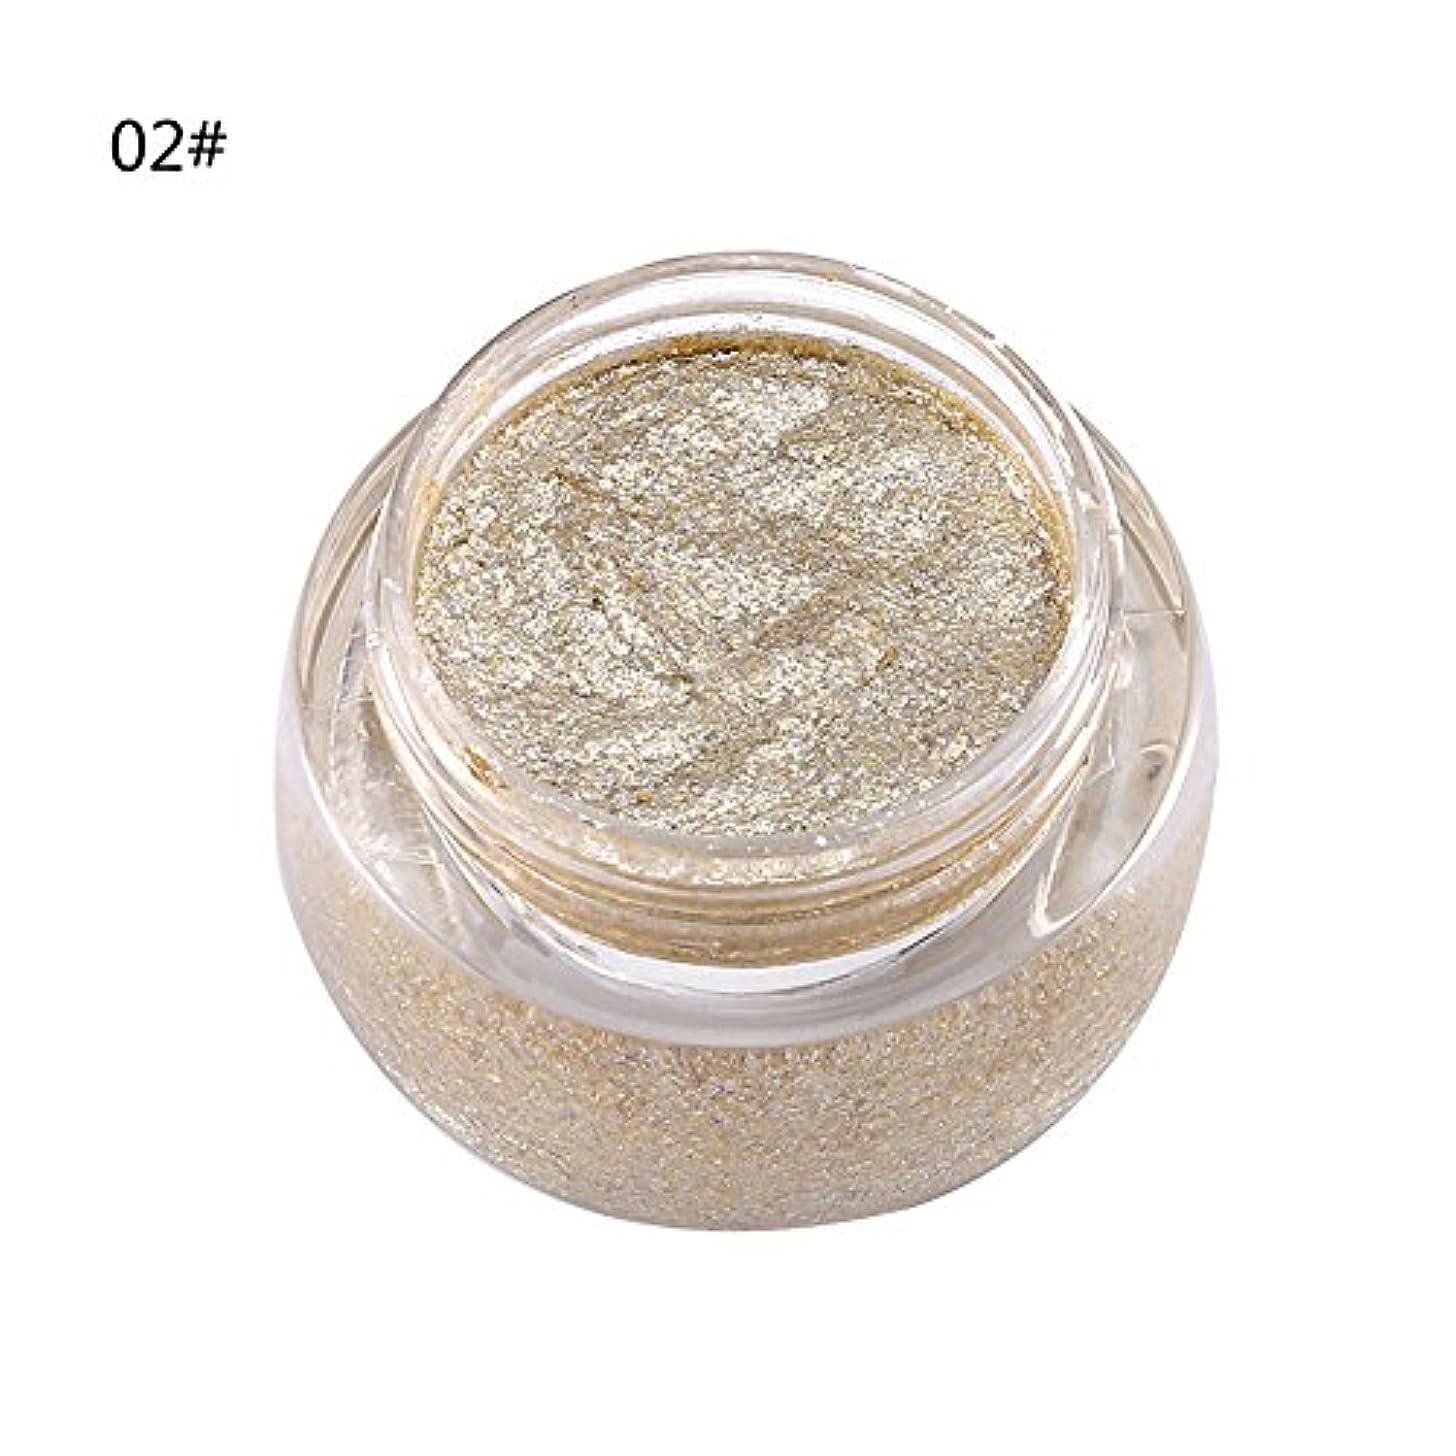 ラッドヤードキップリングゆでるビームアイシャドウ 単色 化粧品 光沢 保湿 キラキラ 美しい タイプ 02